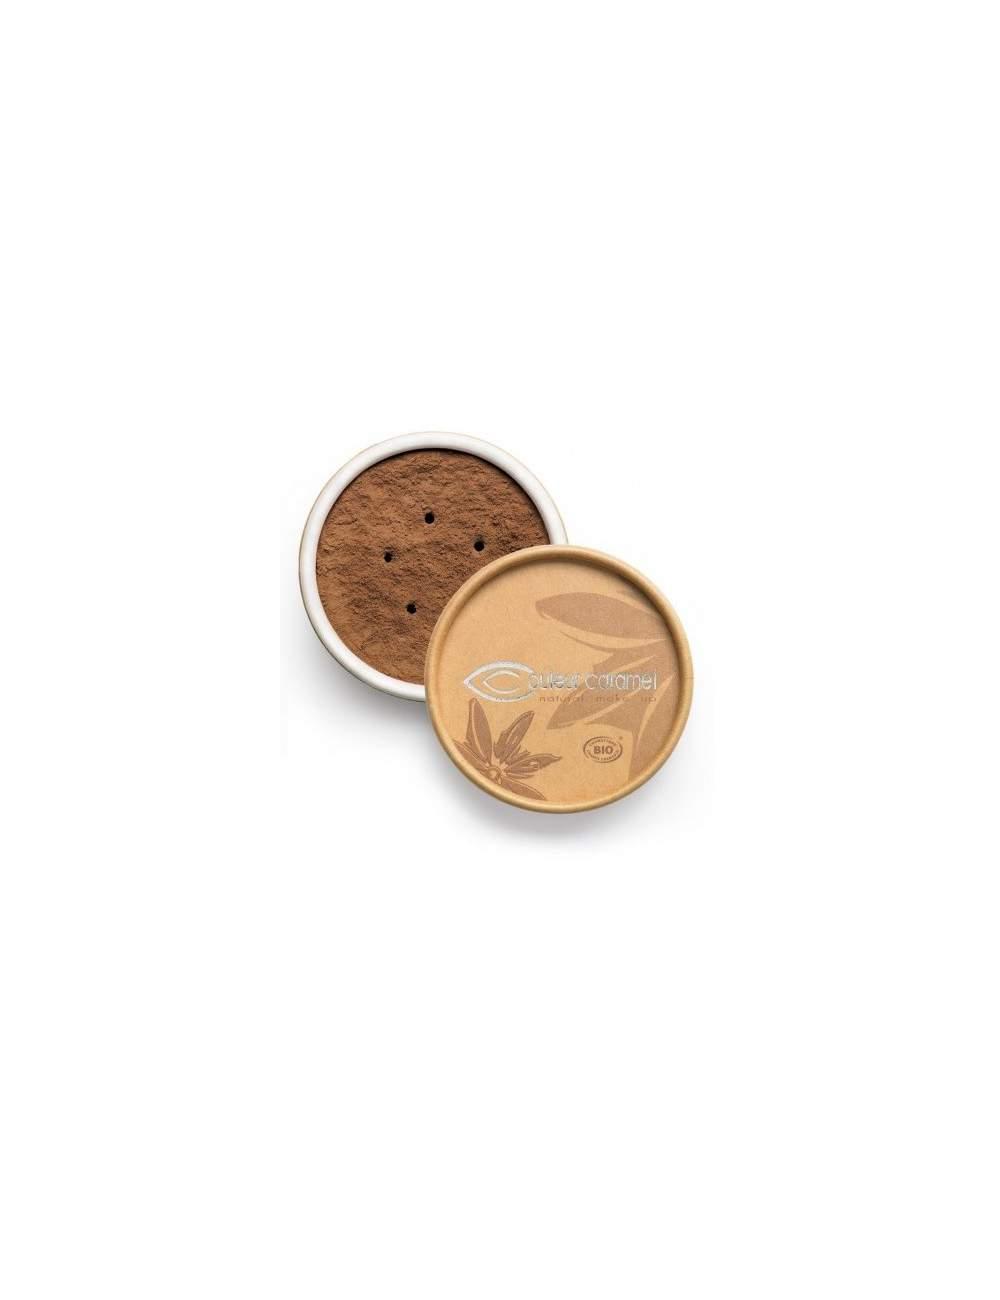 Base de Maquillaje Bio Mineral 12 Cafe. Couleur Caramel